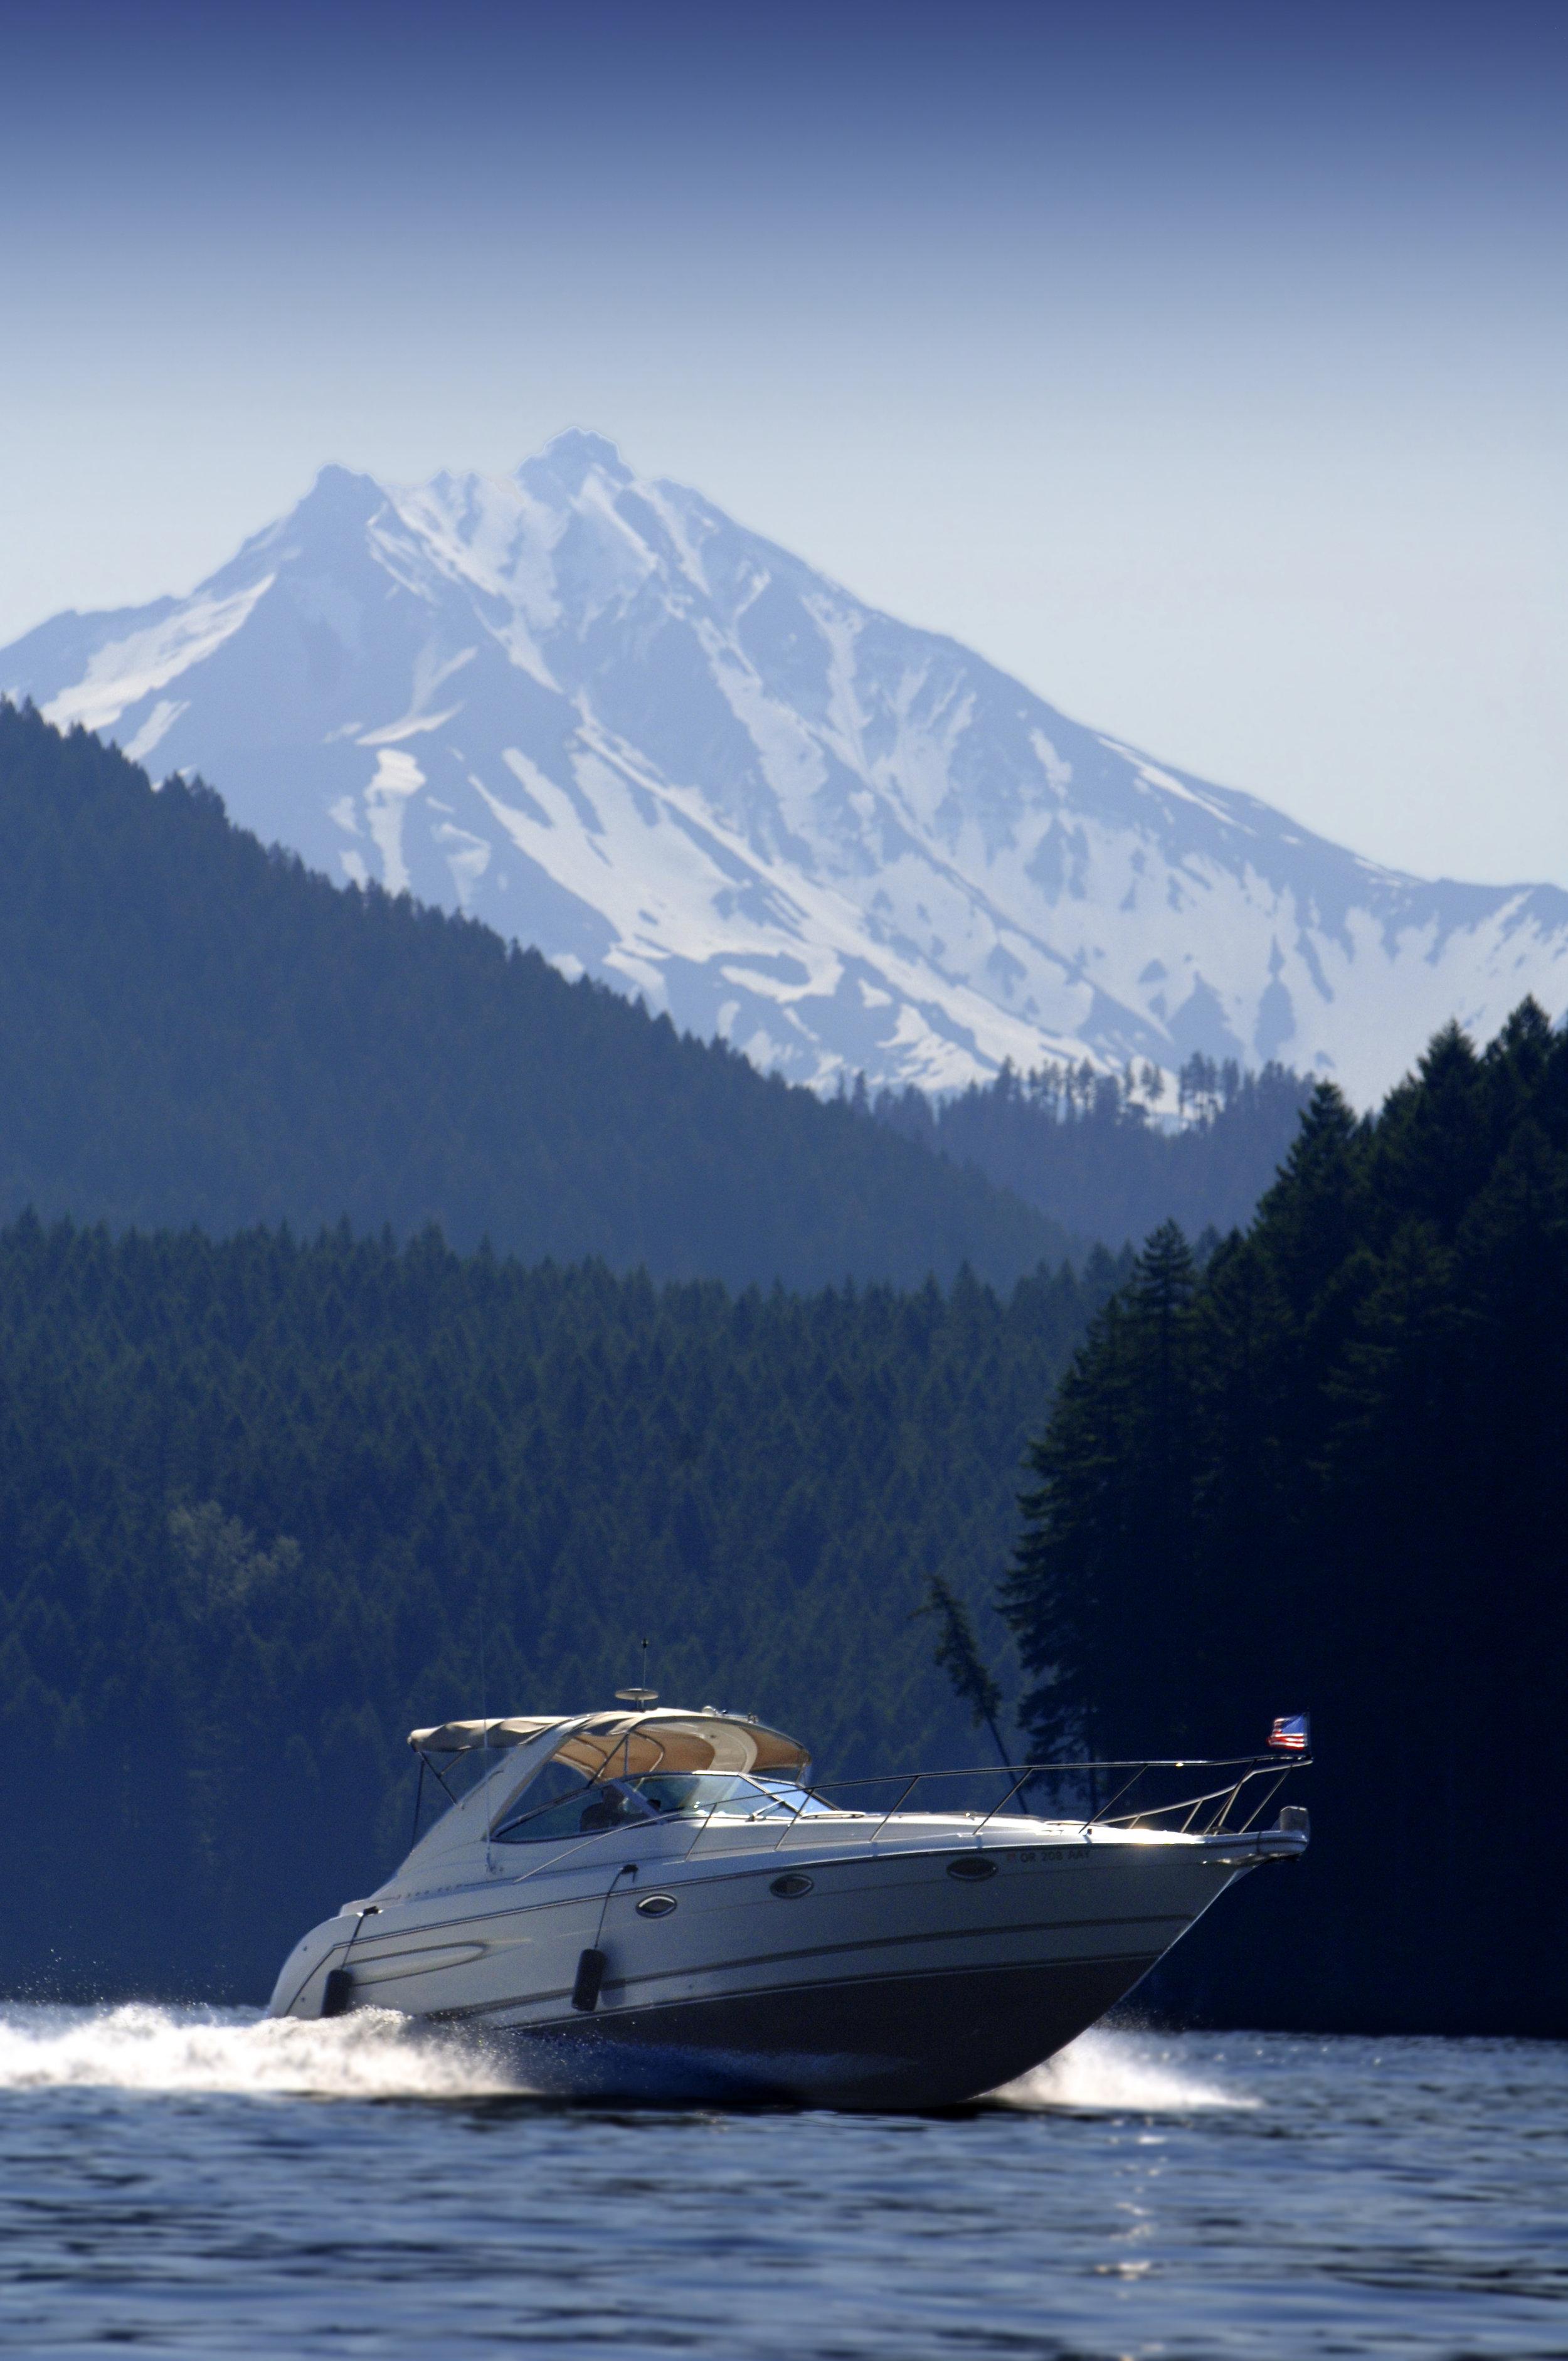 Boat & Mt. Jefferson.jpg